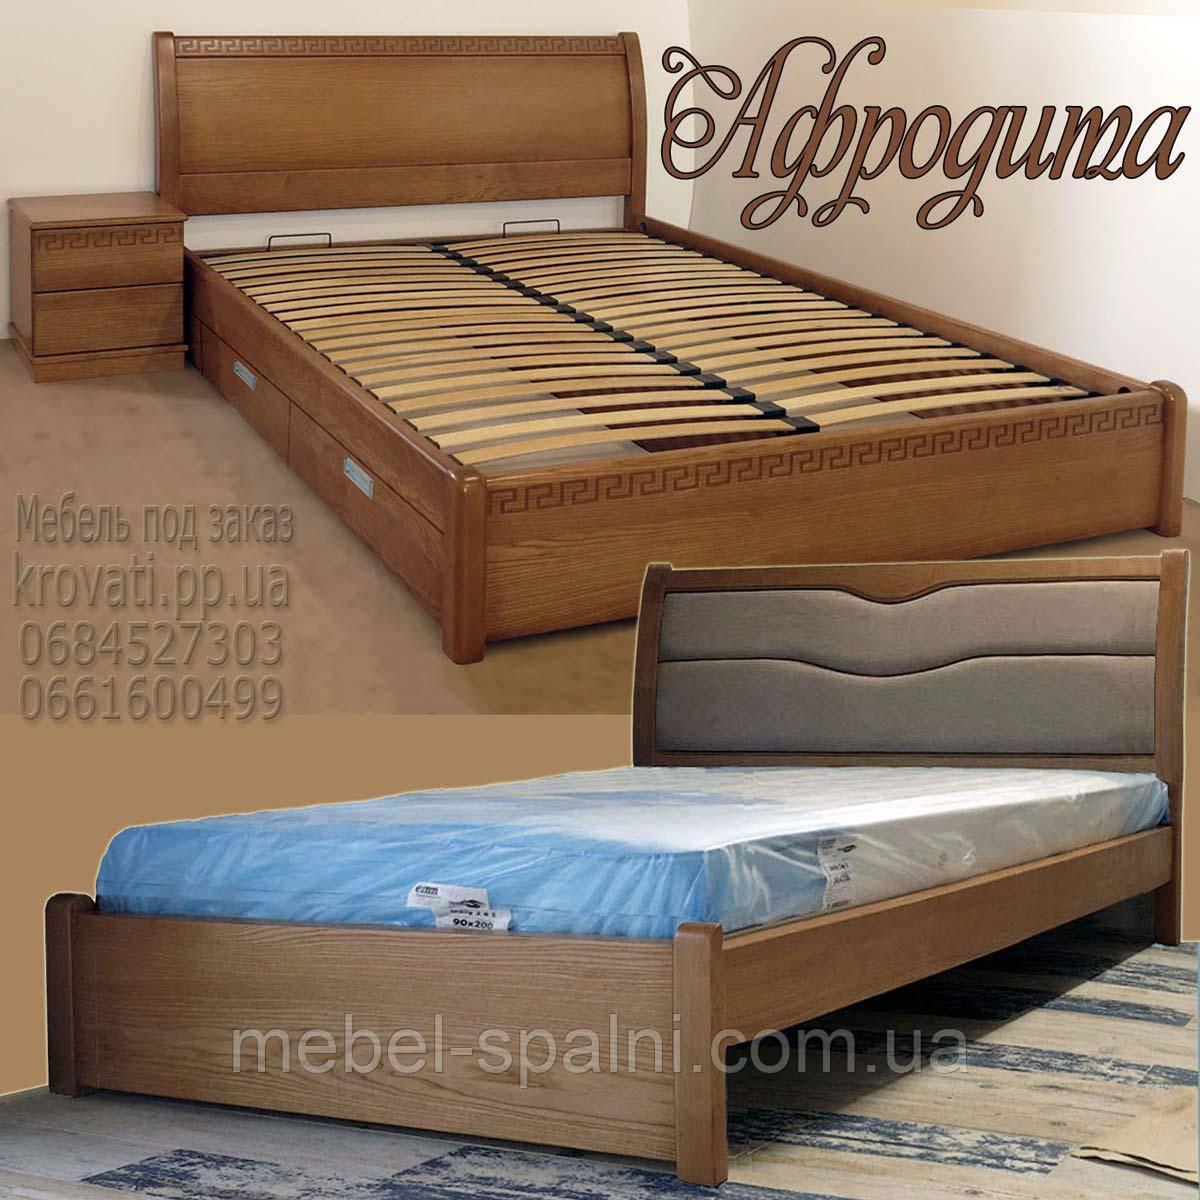 Кровать двуспальная «Афродита»